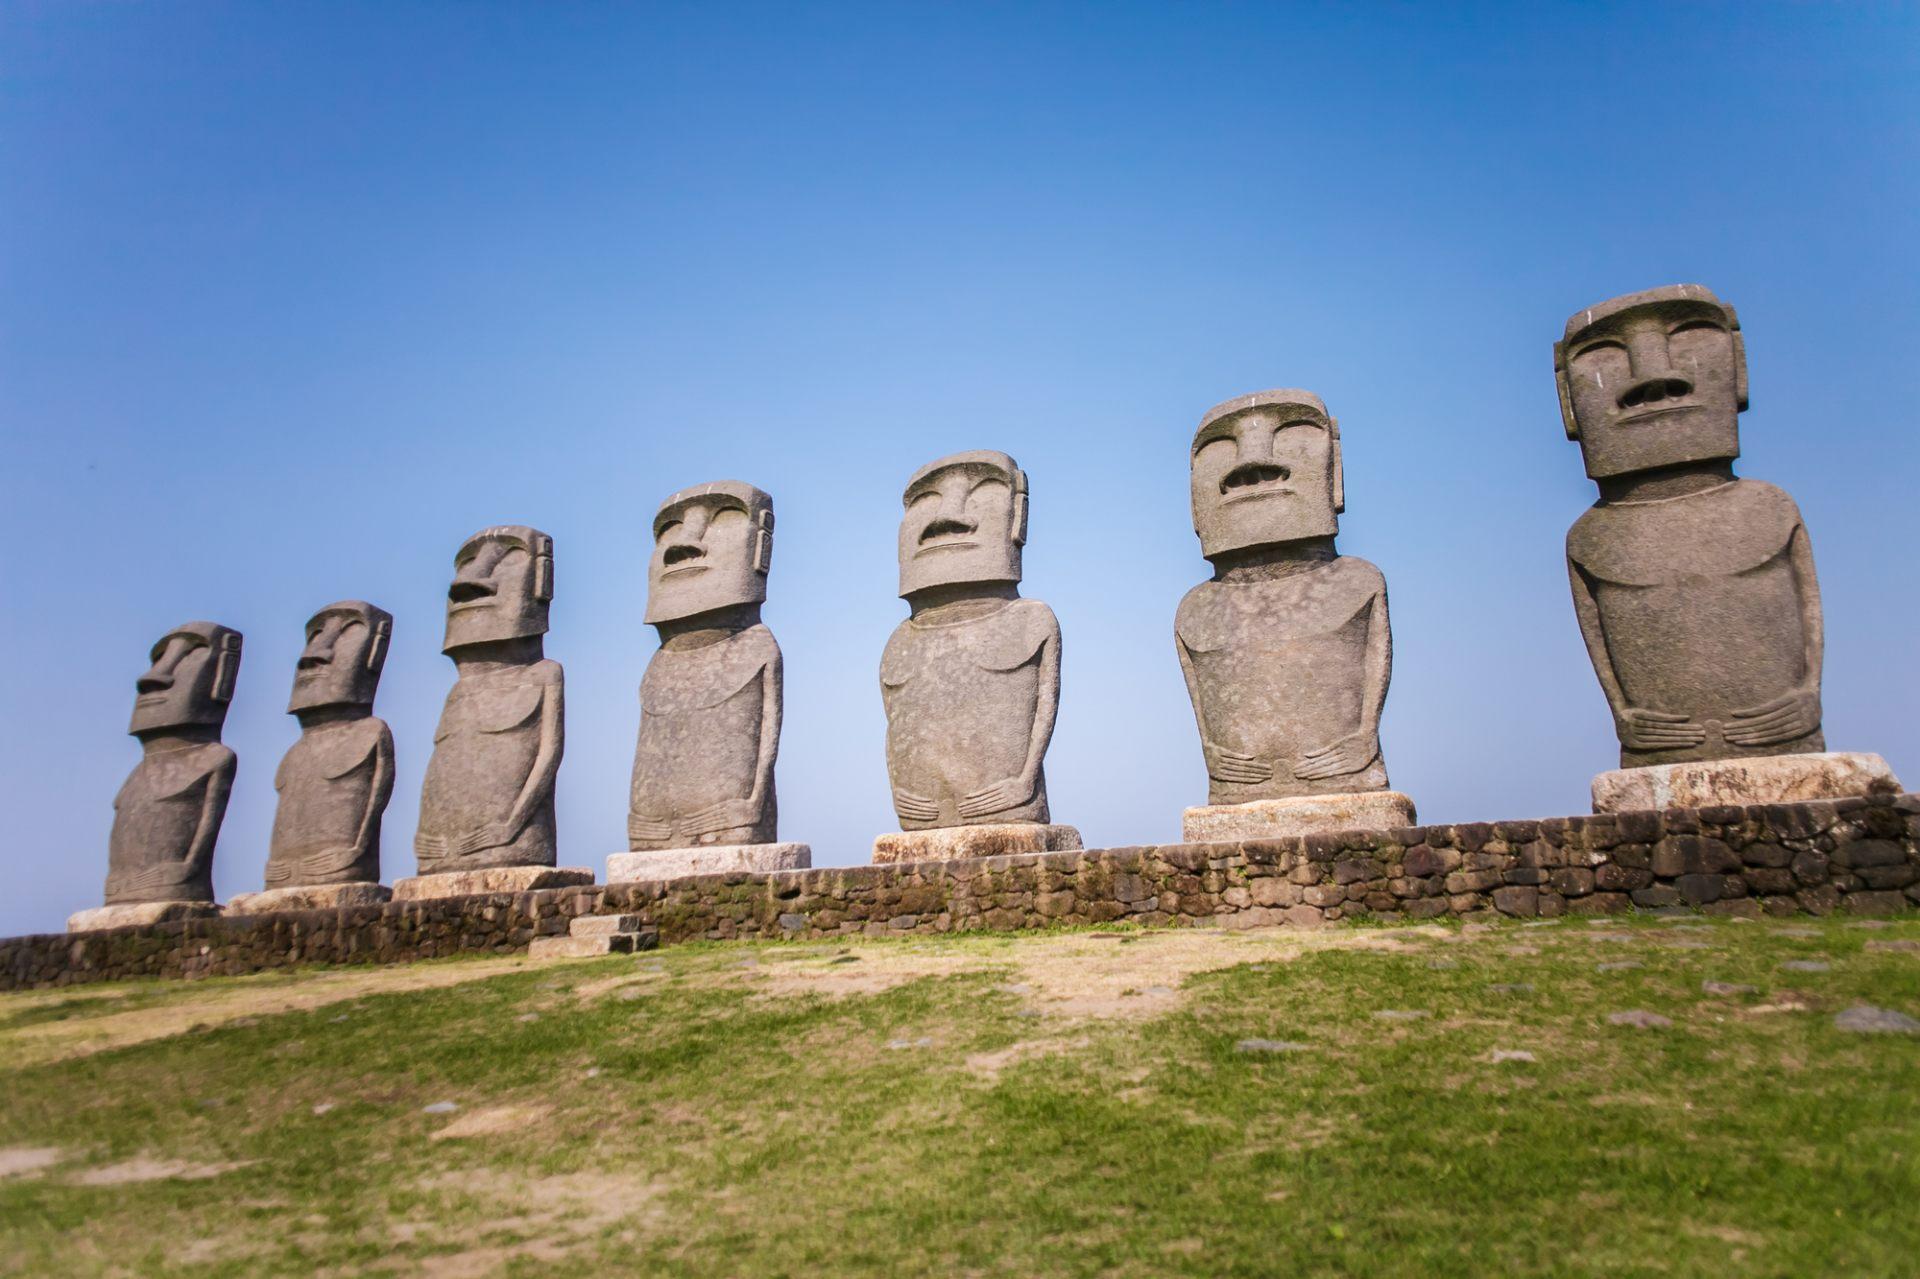 Moai Statues, Sun Messe Nichinan